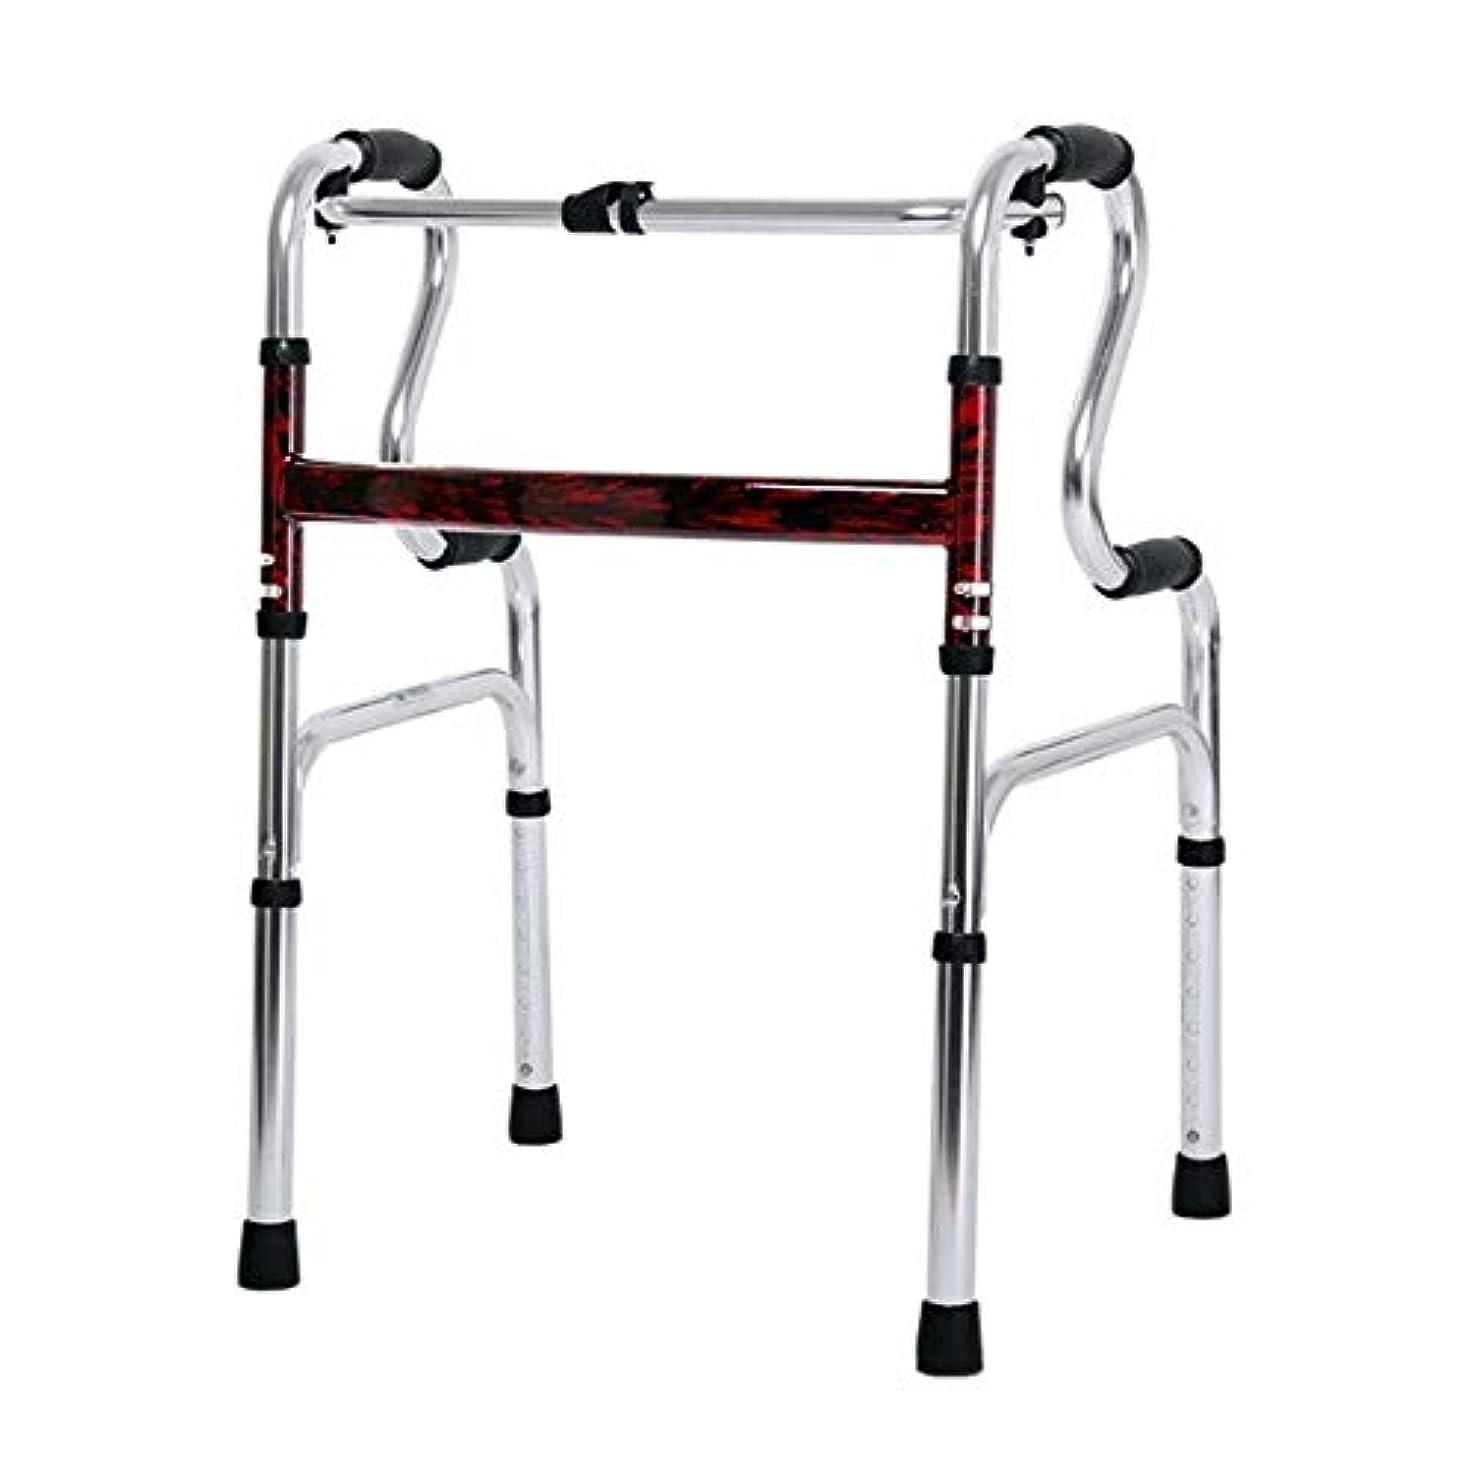 補正雄弁家値するリハビリテーション歩行器、多機能高齢者歩行ブラケット、身体障害者用両腕歩行器 (Color : 銀)